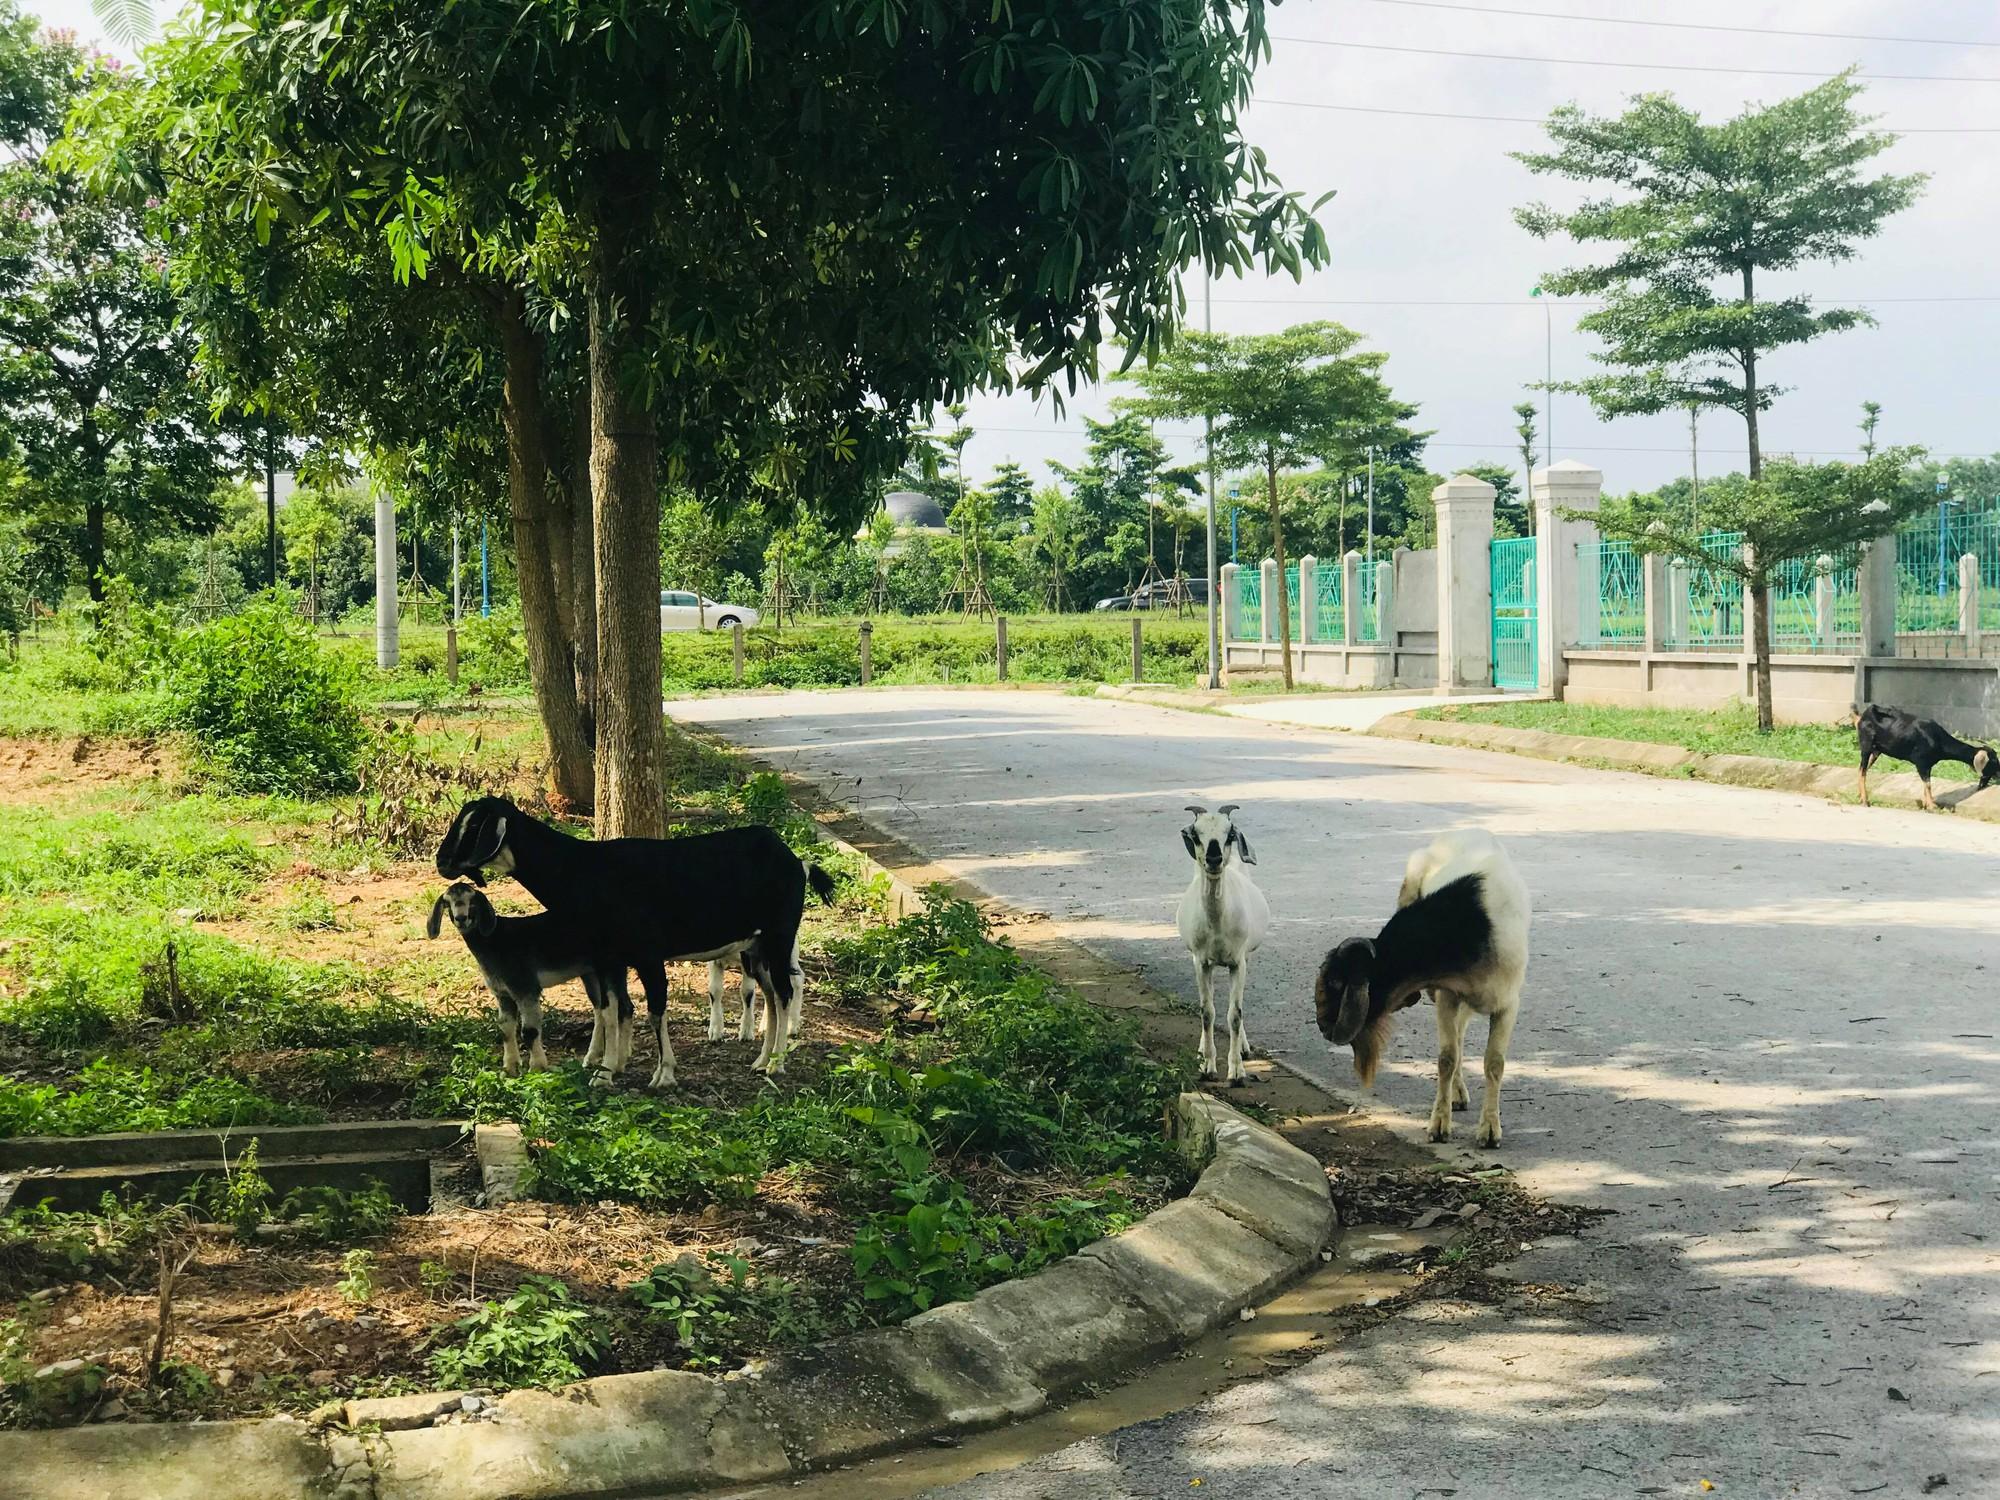 Dự án 900 tỉ đồng tại Mê Linh trở thành nơi chăn nuôi dê - Ảnh 2.